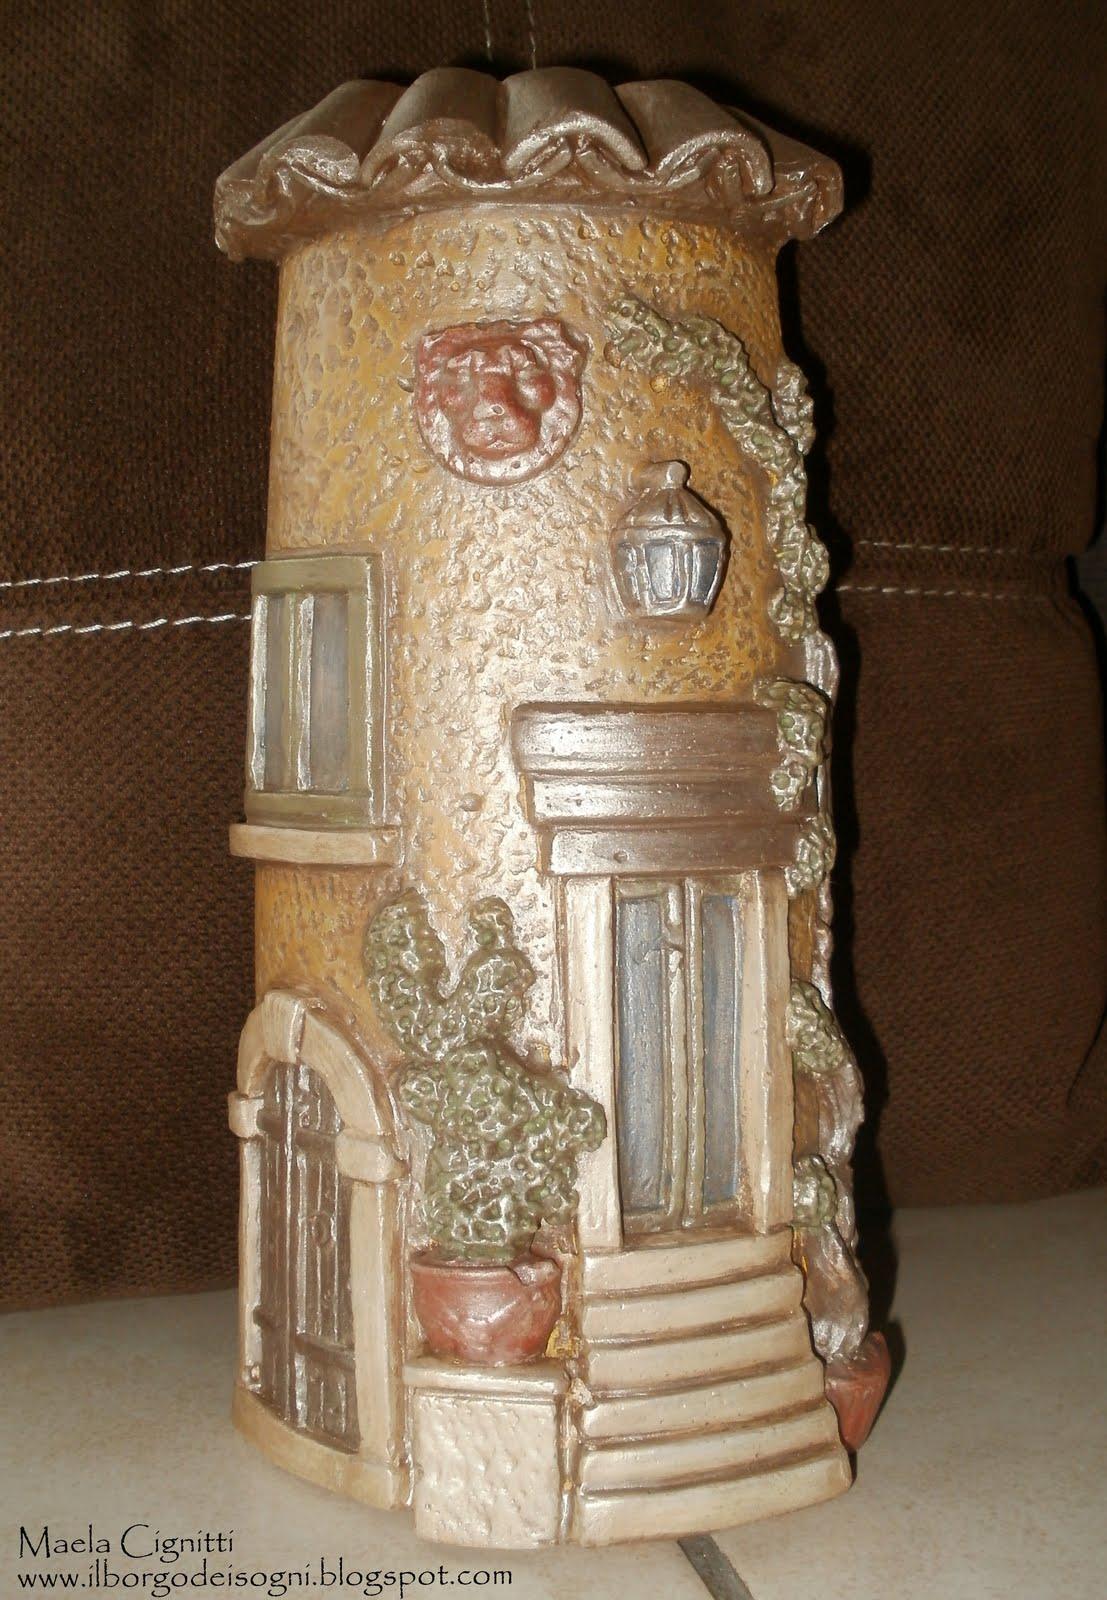 Il borgo dei sogni tegola in soft painting - Tegole decorate in rilievo ...